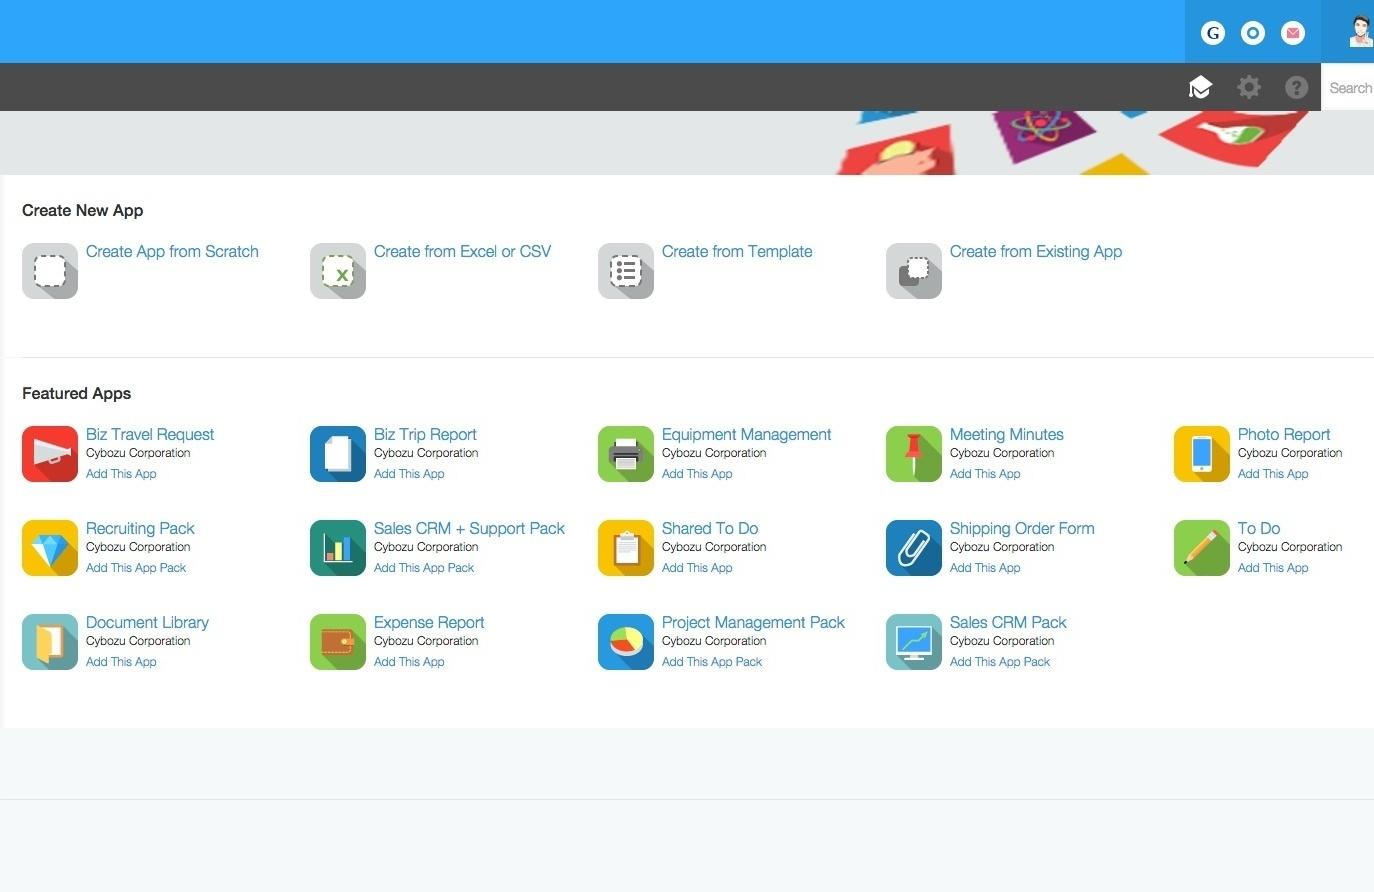 kintone build app-214713-edited.jpeg